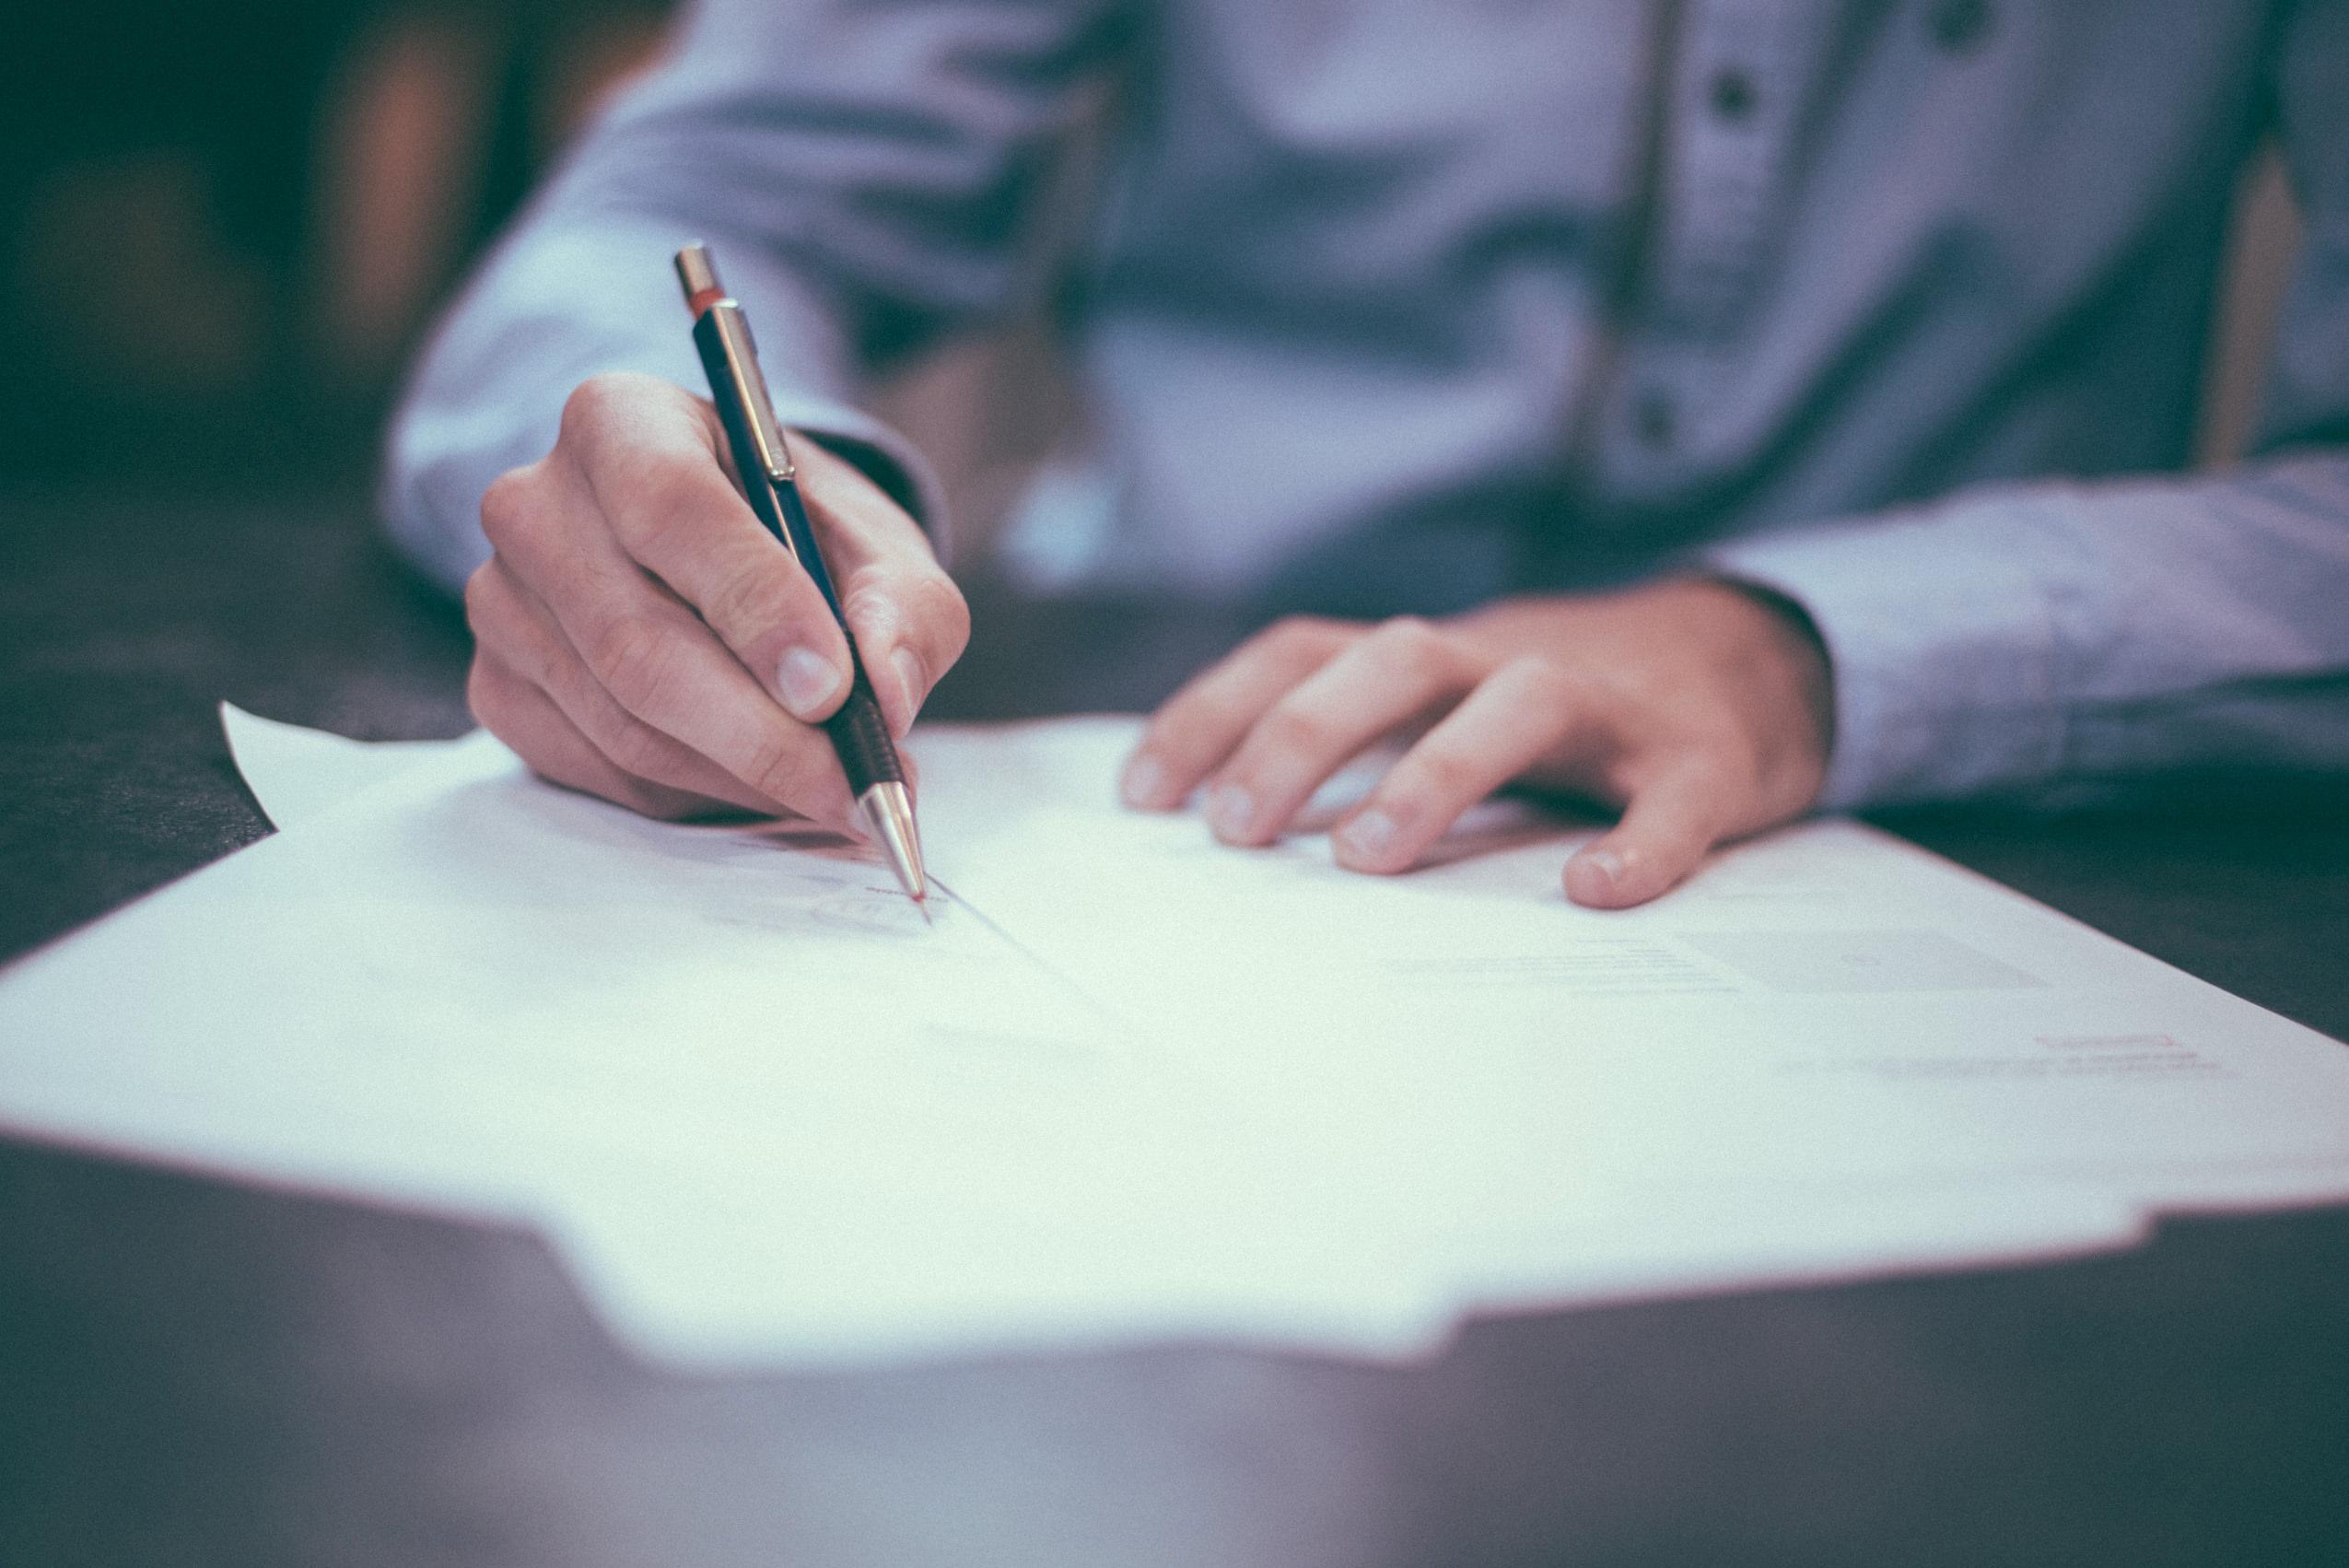 meżczyzna podpisuje dokumenty